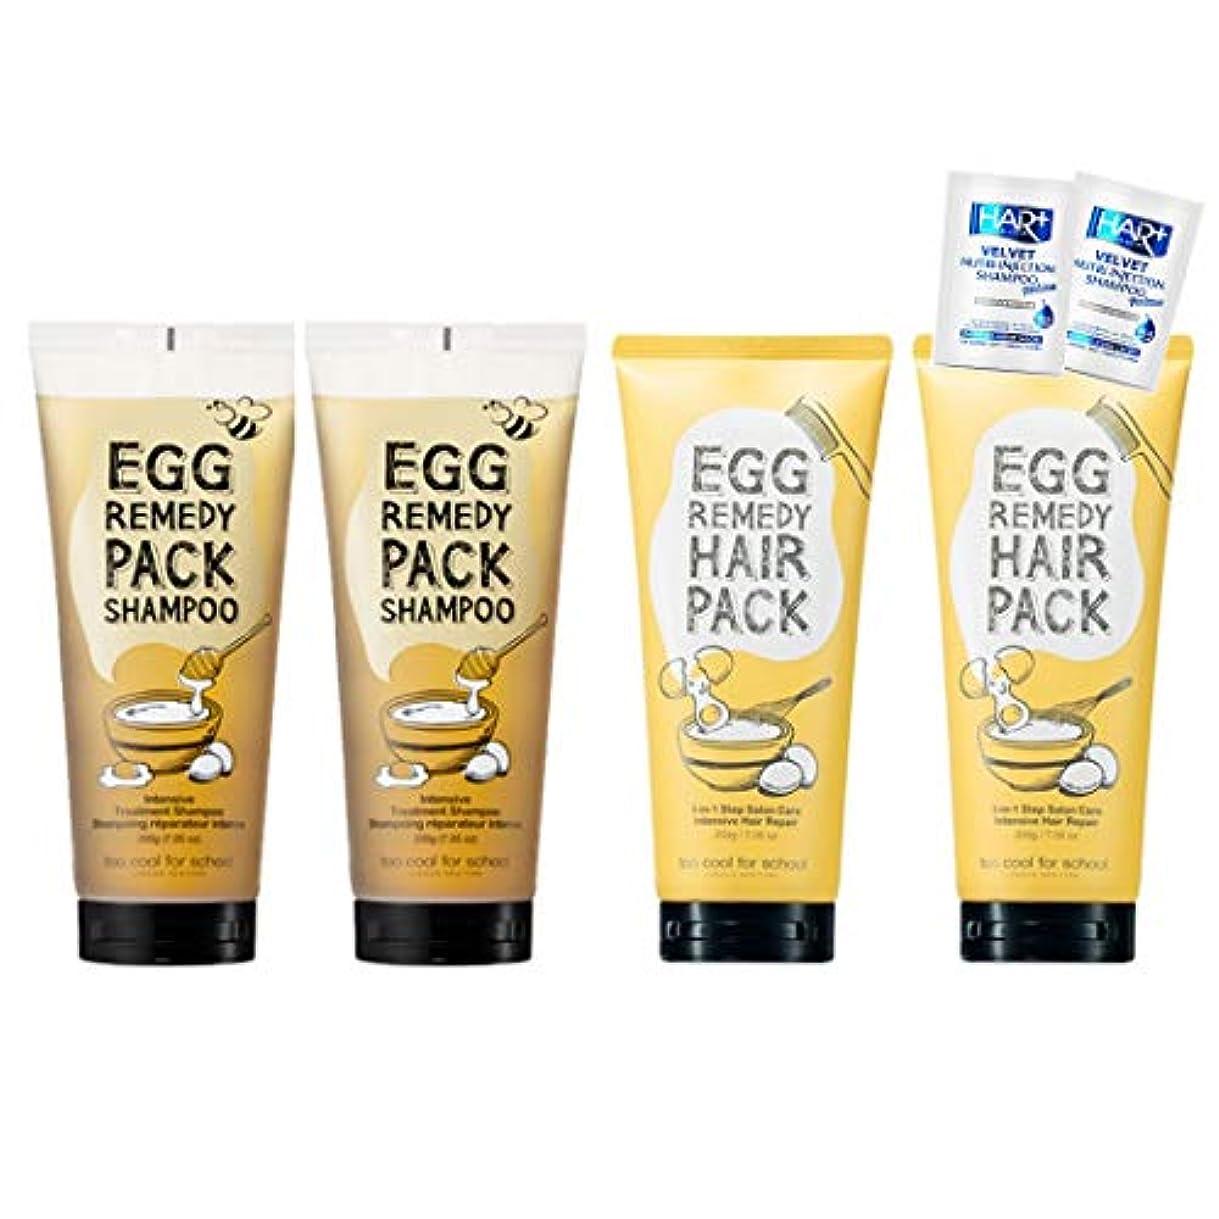 ファランクス鉱夫剪断トゥークールフォ―スクール(too cool for school)/エッグレミディパックシャンプーtoo cool for school Egg Remedy Pack Shampoo 200ml X 2EA + エッグレミディヘアパック...